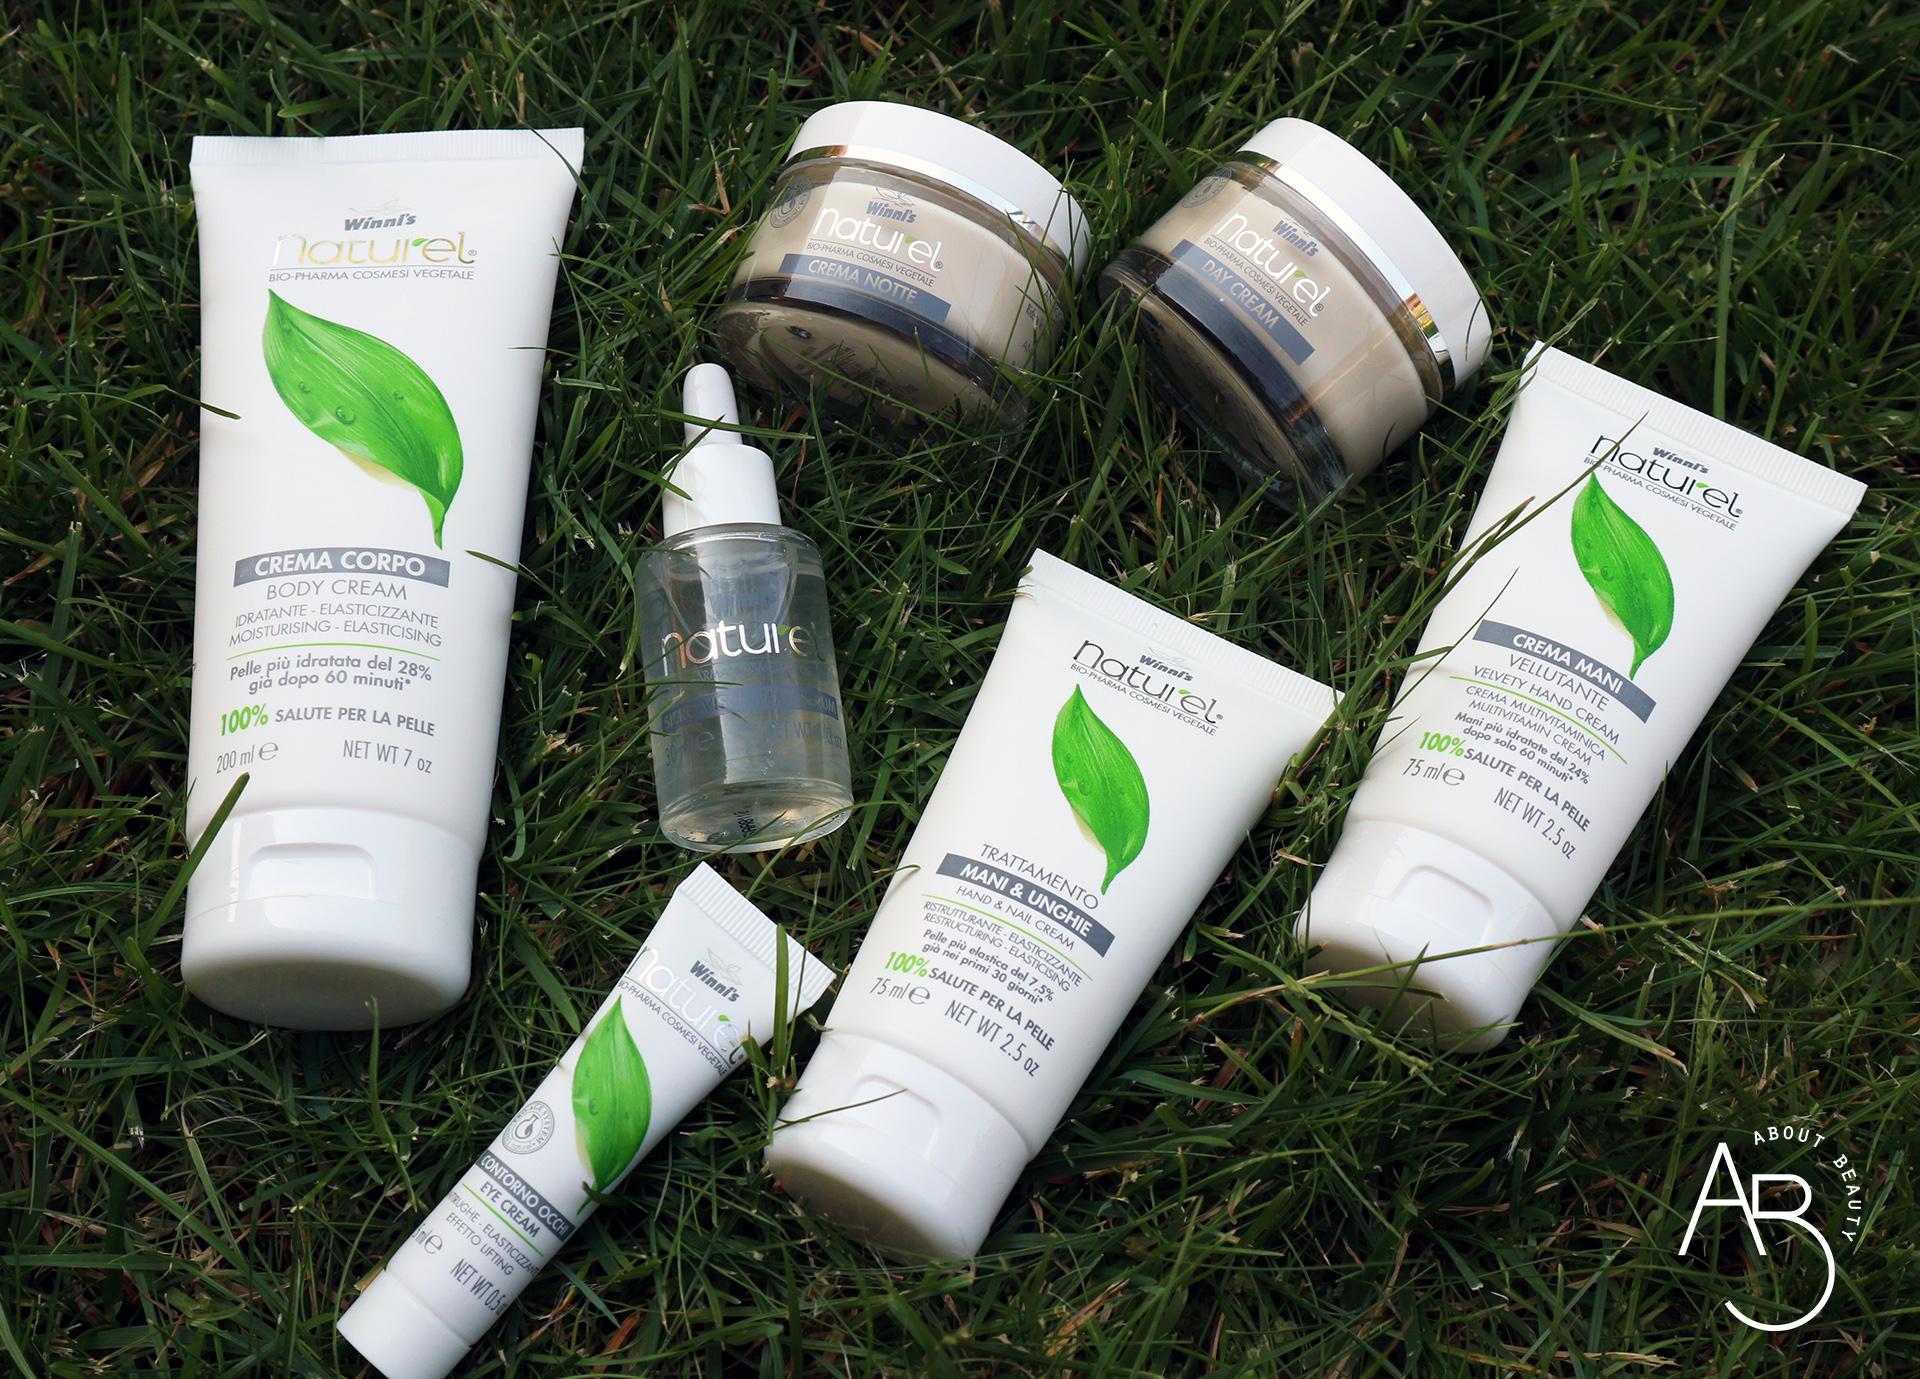 Winnis Cosmetici - Info recensione review opinioni prezzo dove acquistare inci - About Beauty